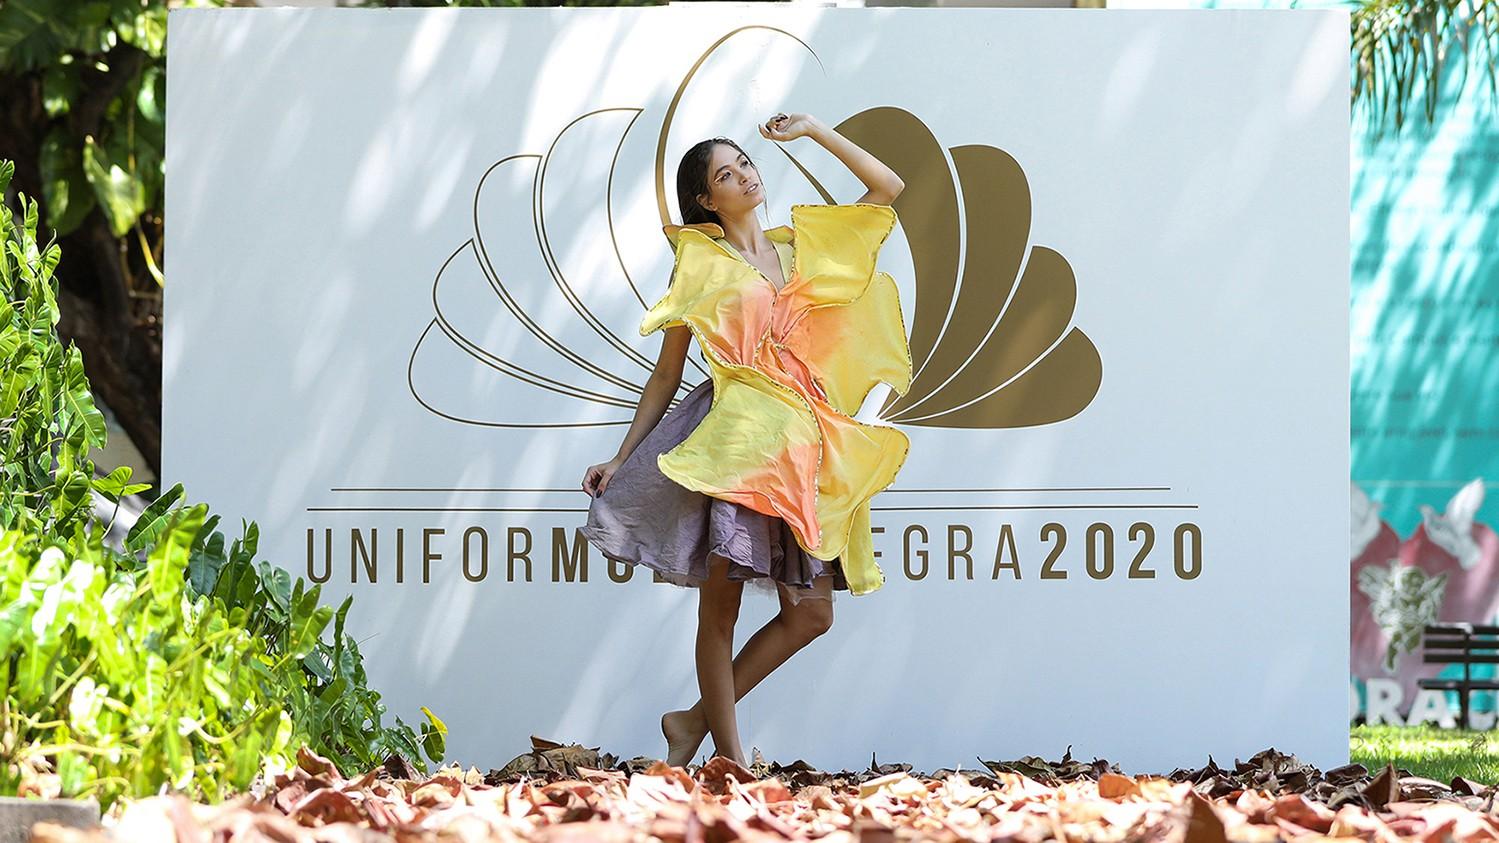 Desfiles autorais e criatividade marcam 12ª edição do Festival Unifor Moda Integra